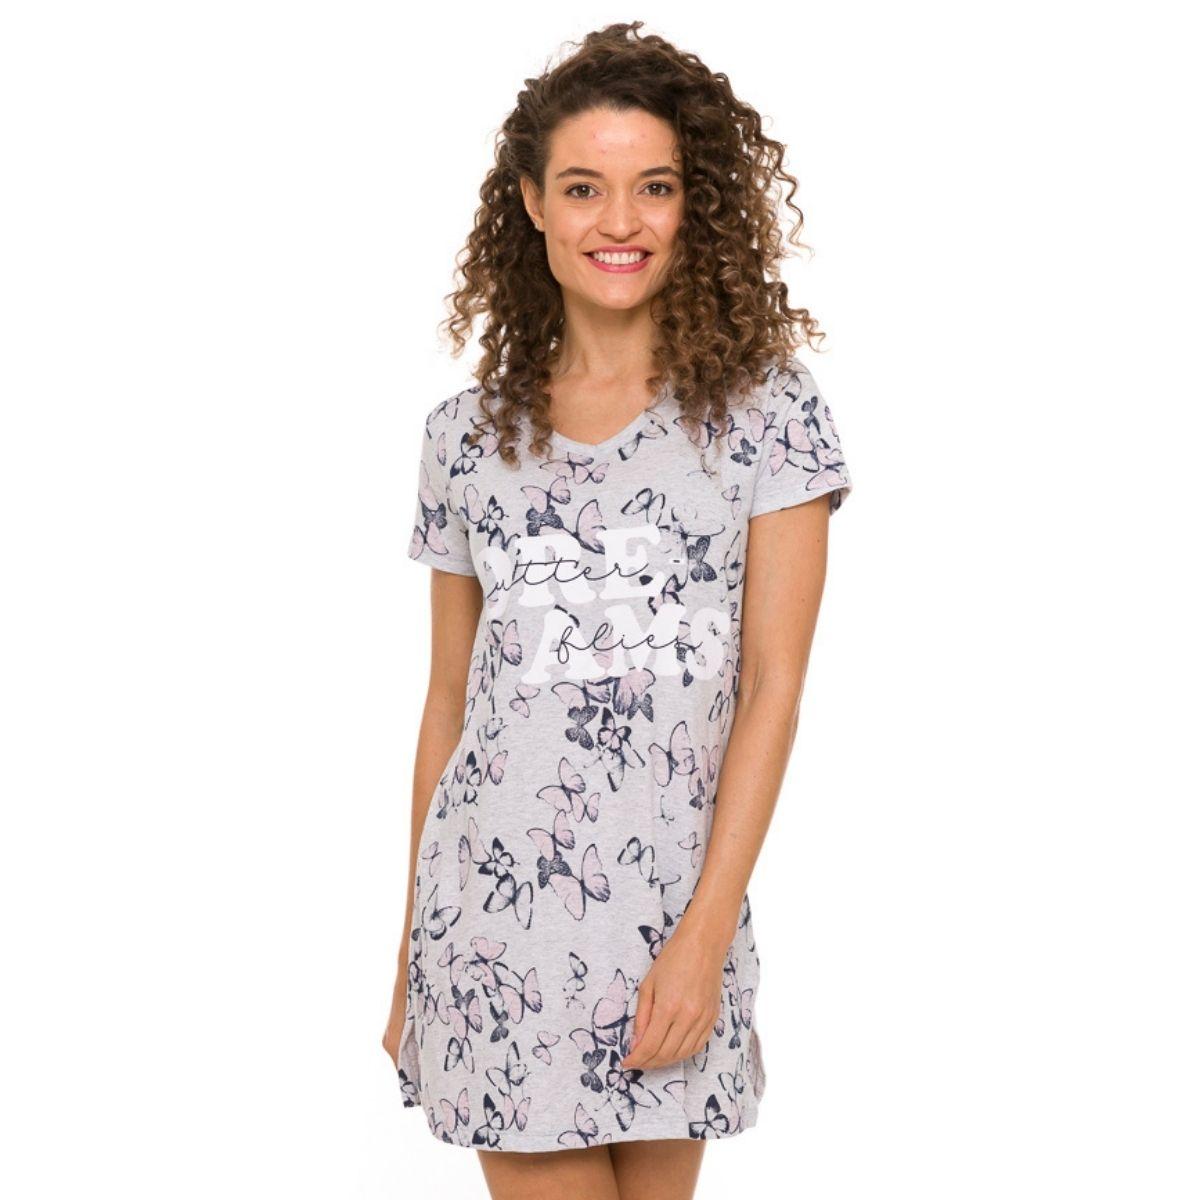 Camisola camisão feminino algodão manga curta para presente